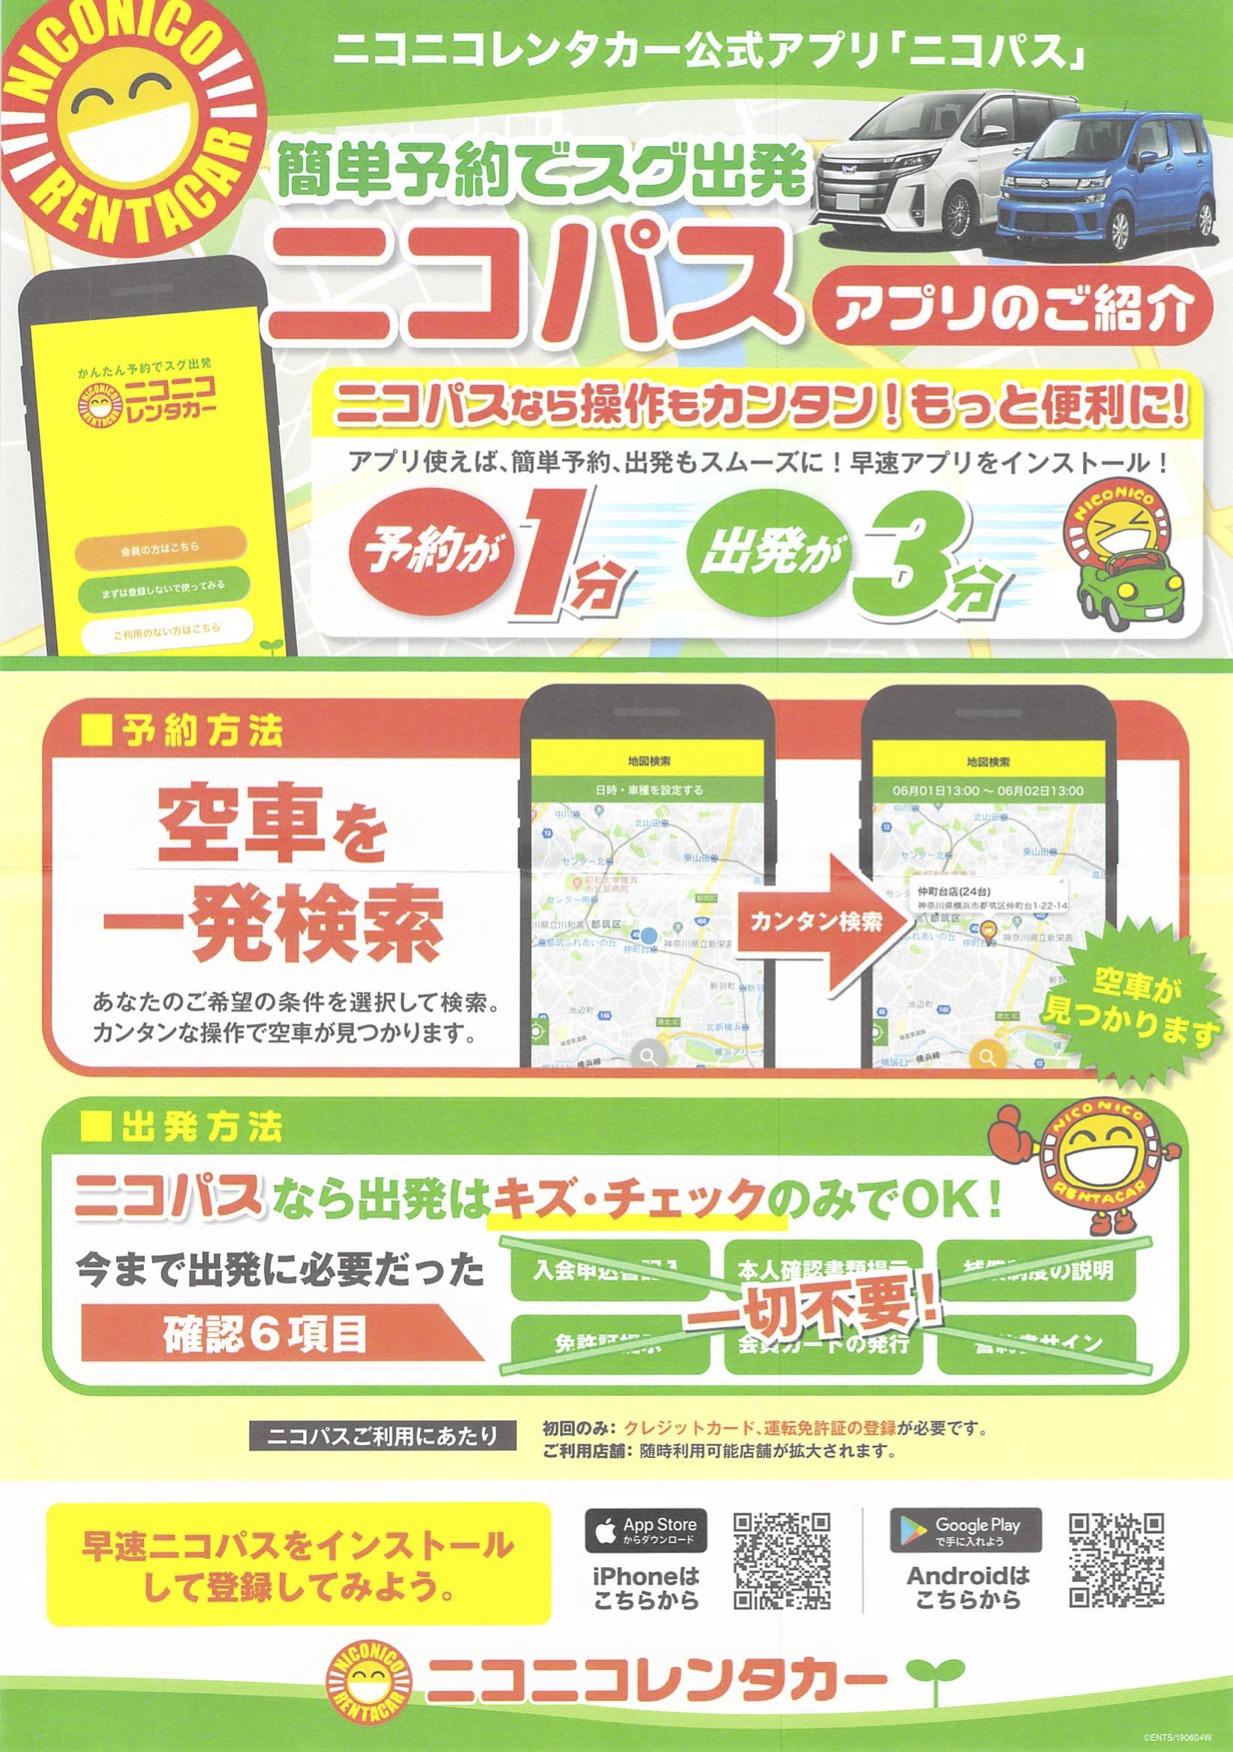 ニコパスアプリ